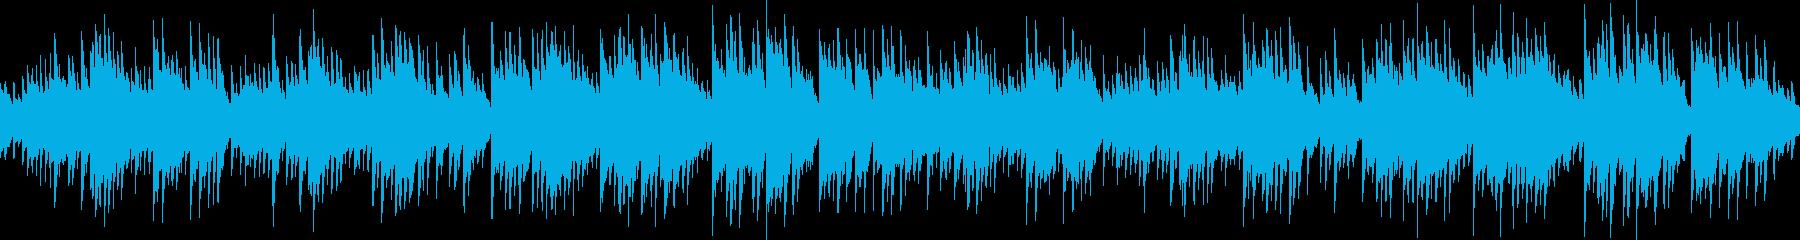 リラクゼーション系癒しピアノ(ループ可)の再生済みの波形